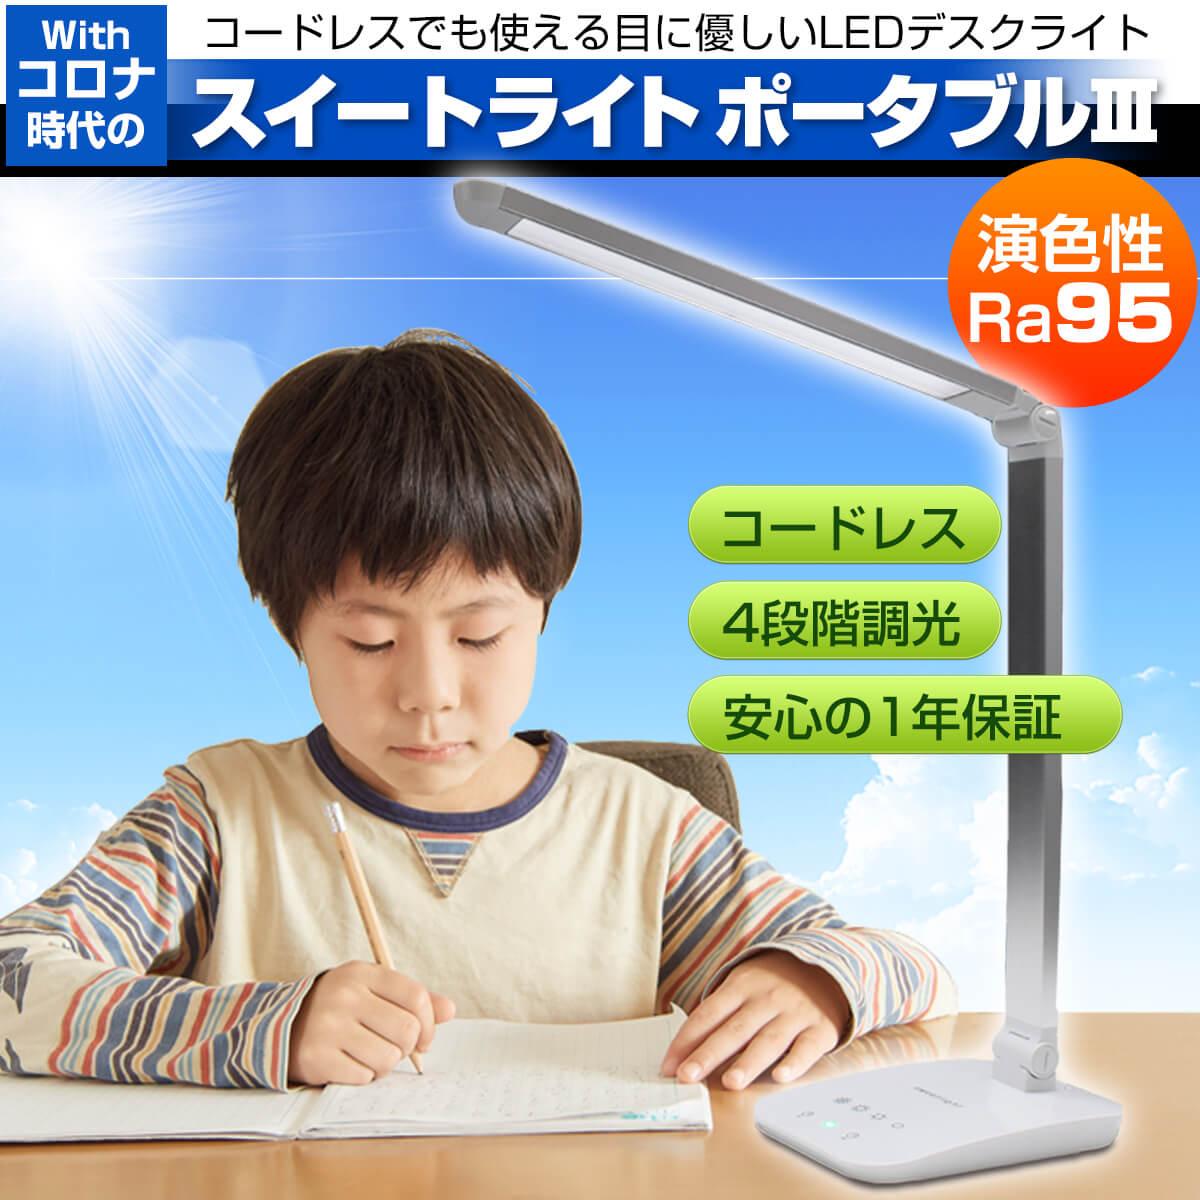 コードレス LEDデスクライト スイートライト ポータブル 充電式 LEDデスクスタンド